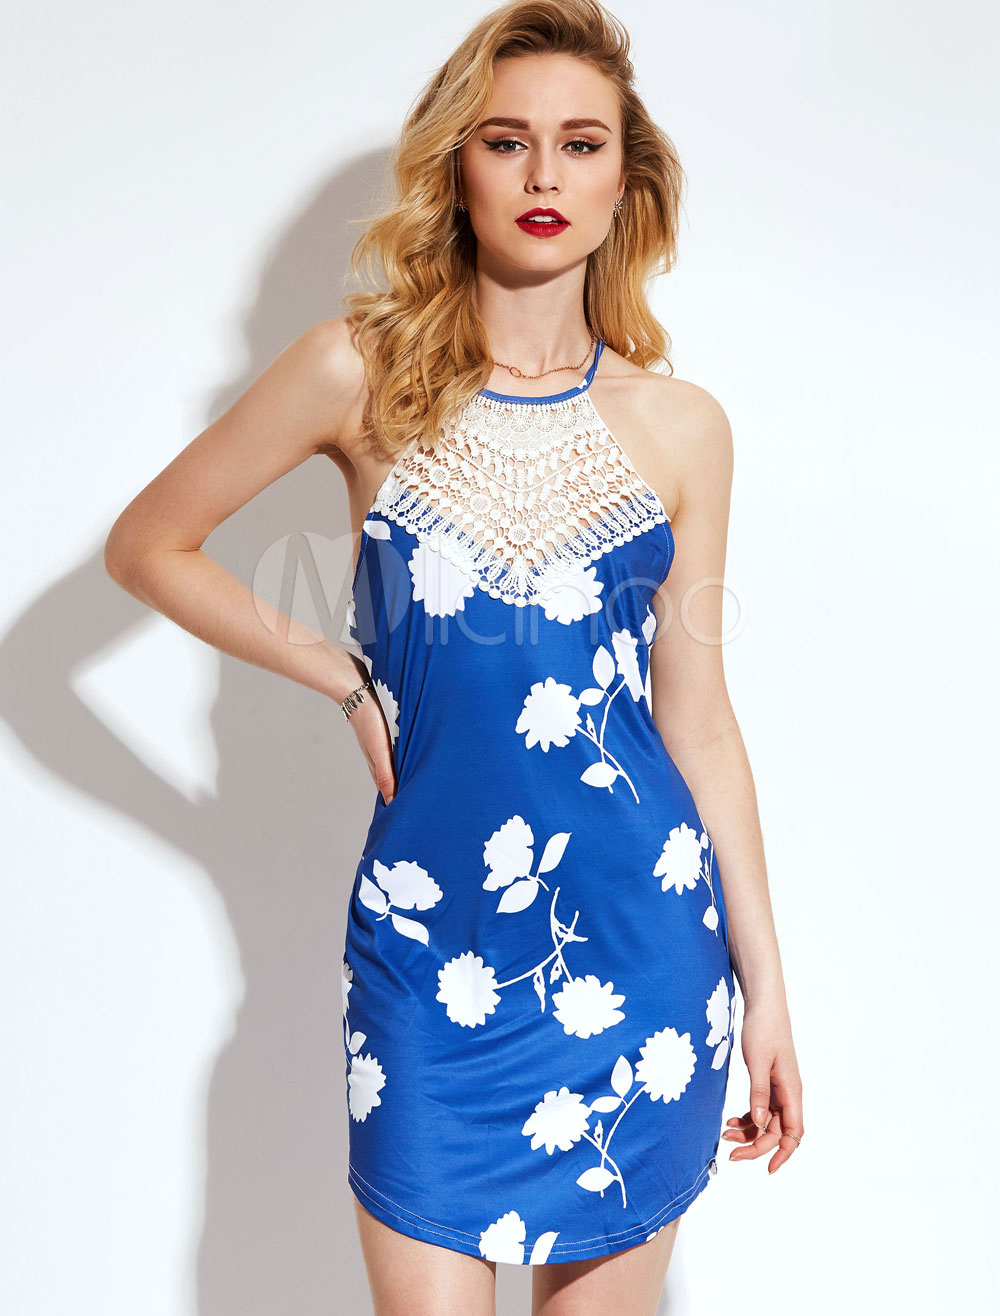 Blue Short Dress Women's Spaghetti Straps Sleeveless Cross Back Mini Dress (Women\\'s Clothing Mini Dresses) photo